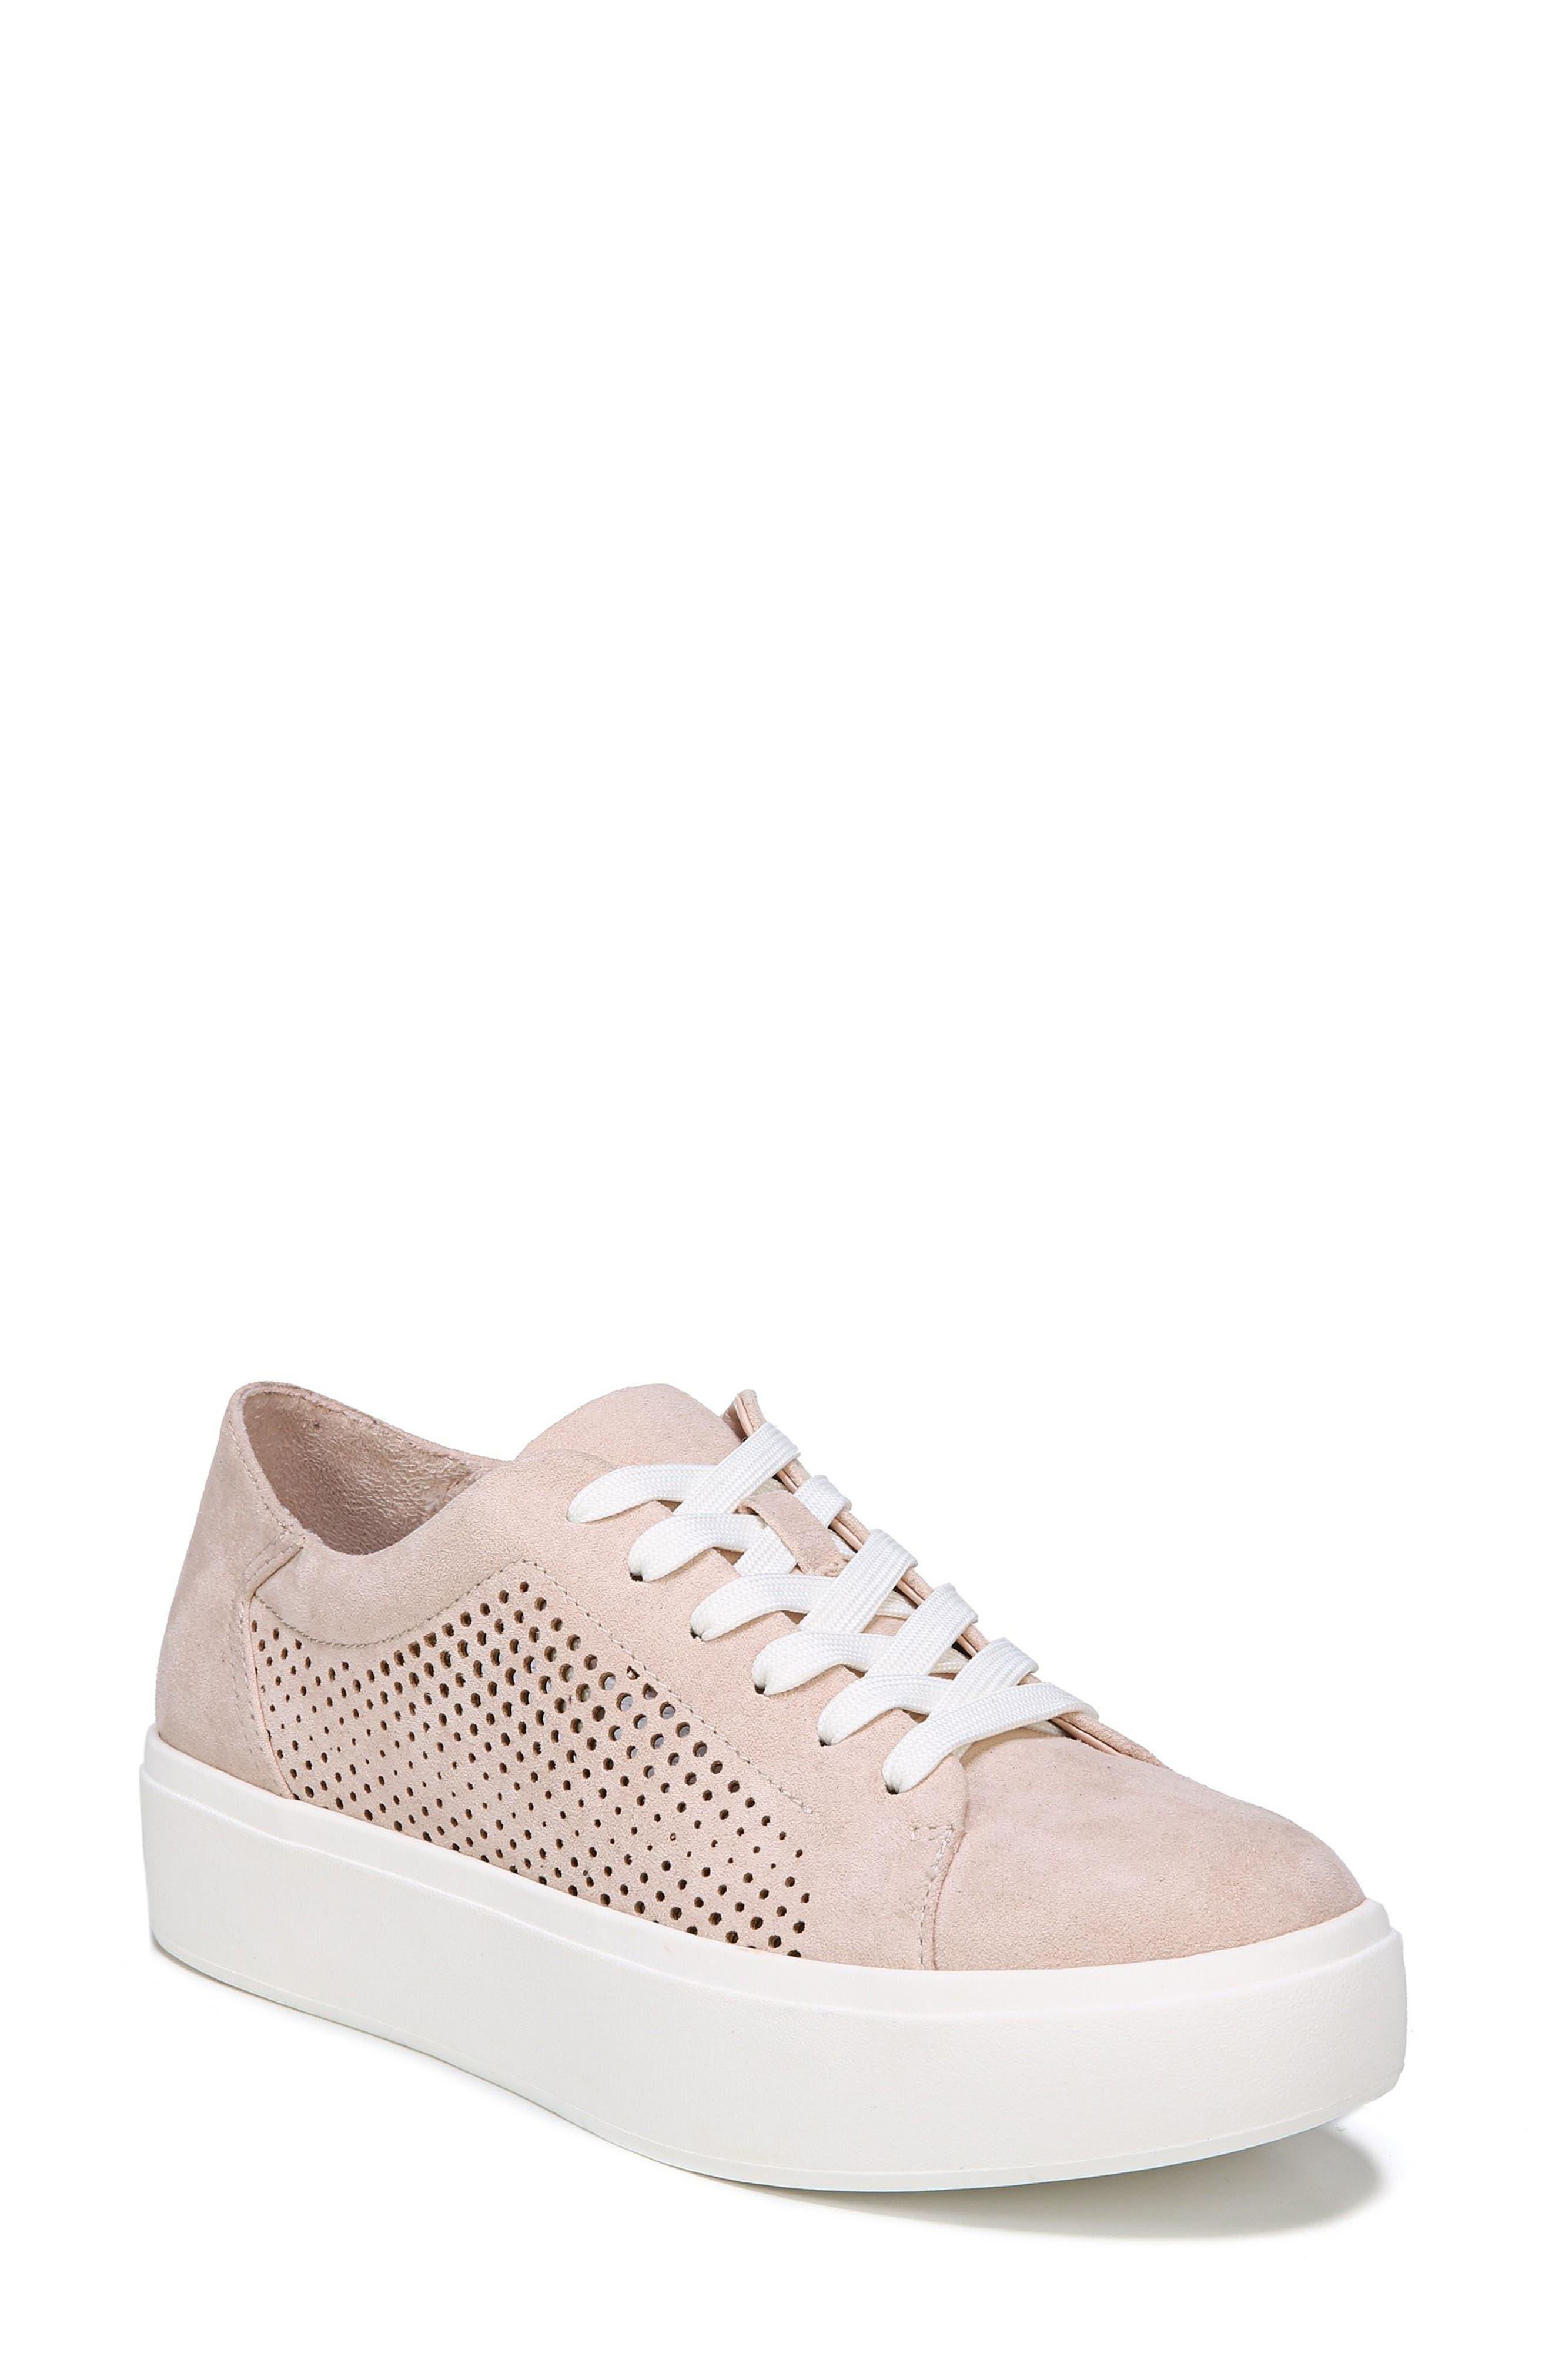 Dr. Scholl's Kinney Platform Sneaker (Women)